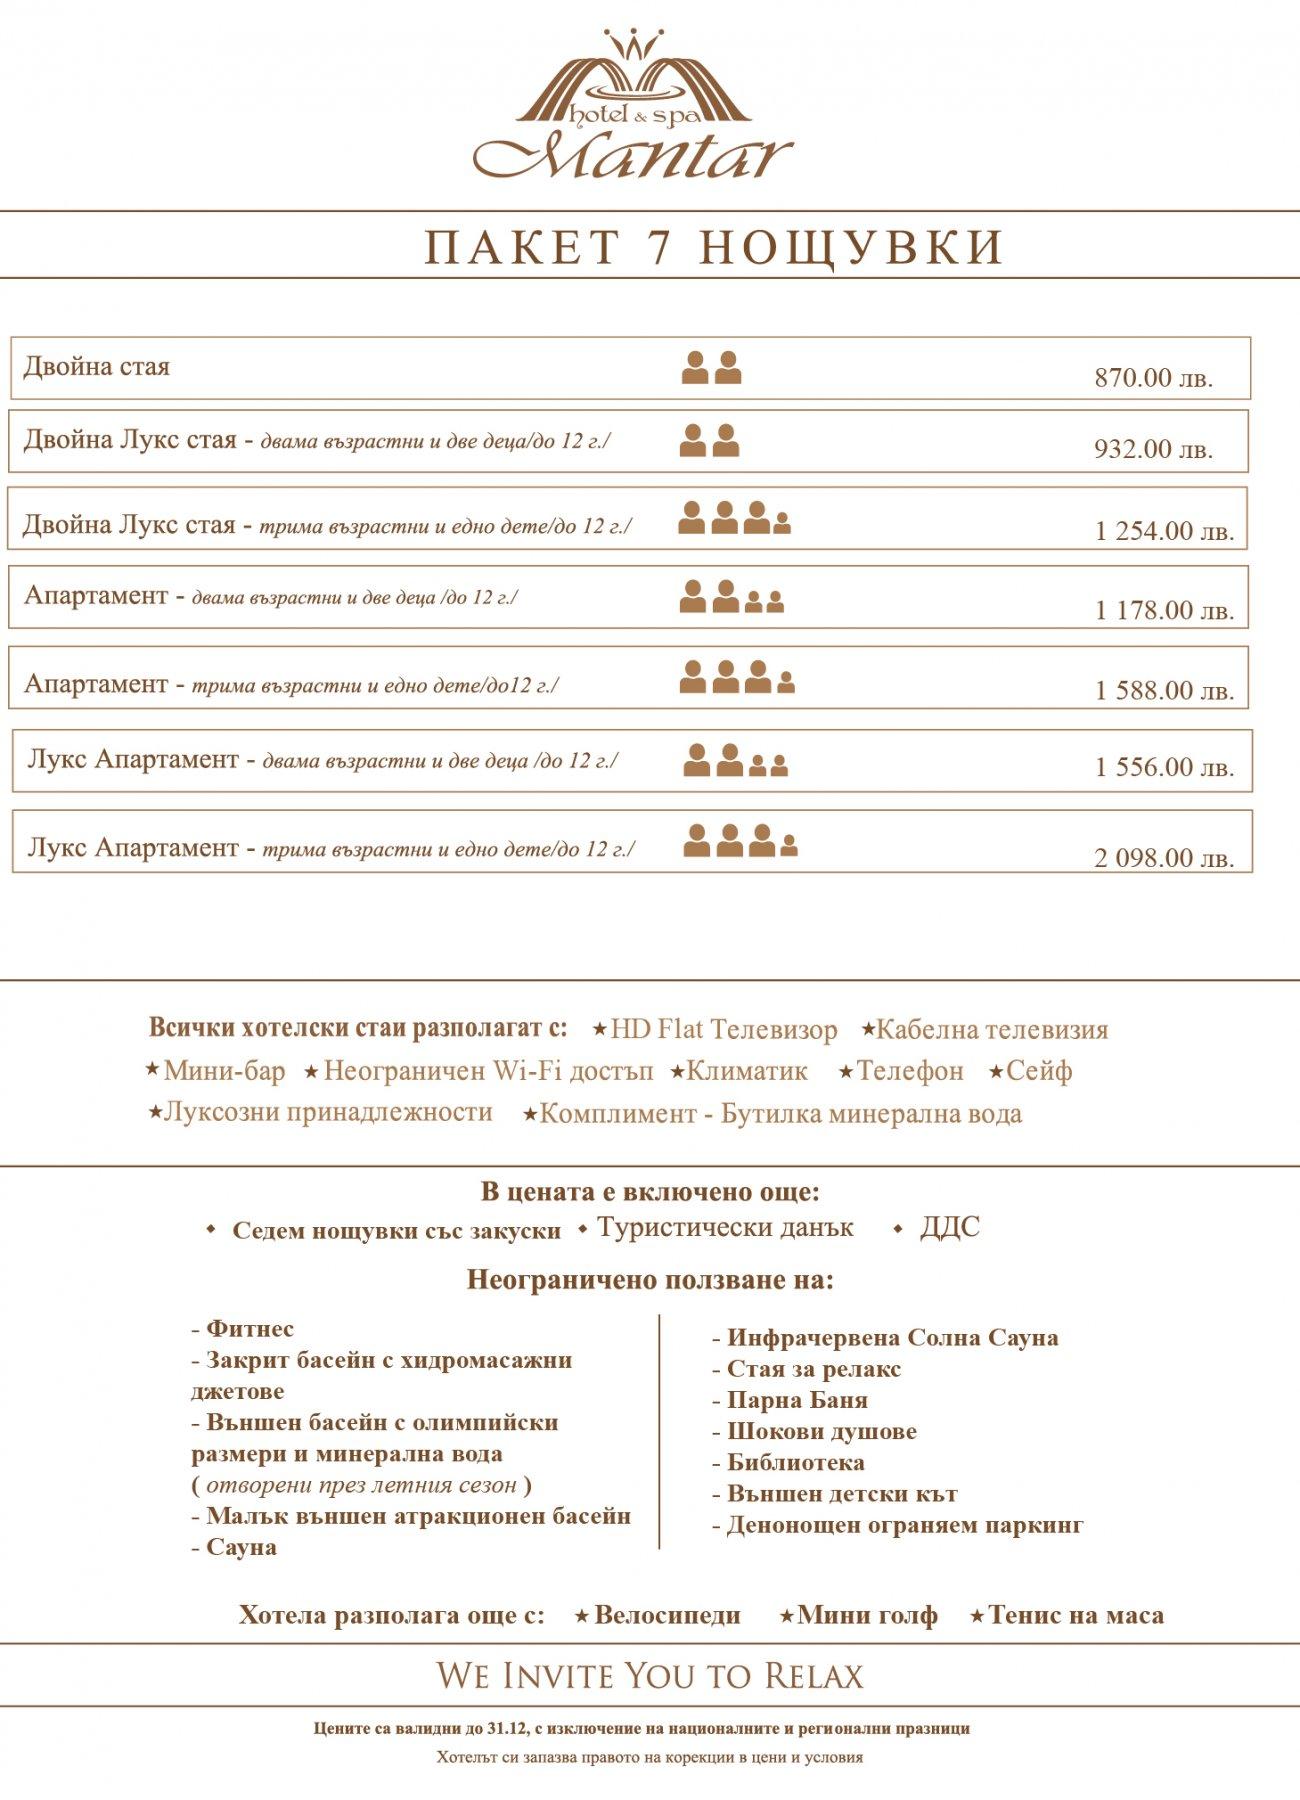 Цени Стандарт - 3,5,7-04